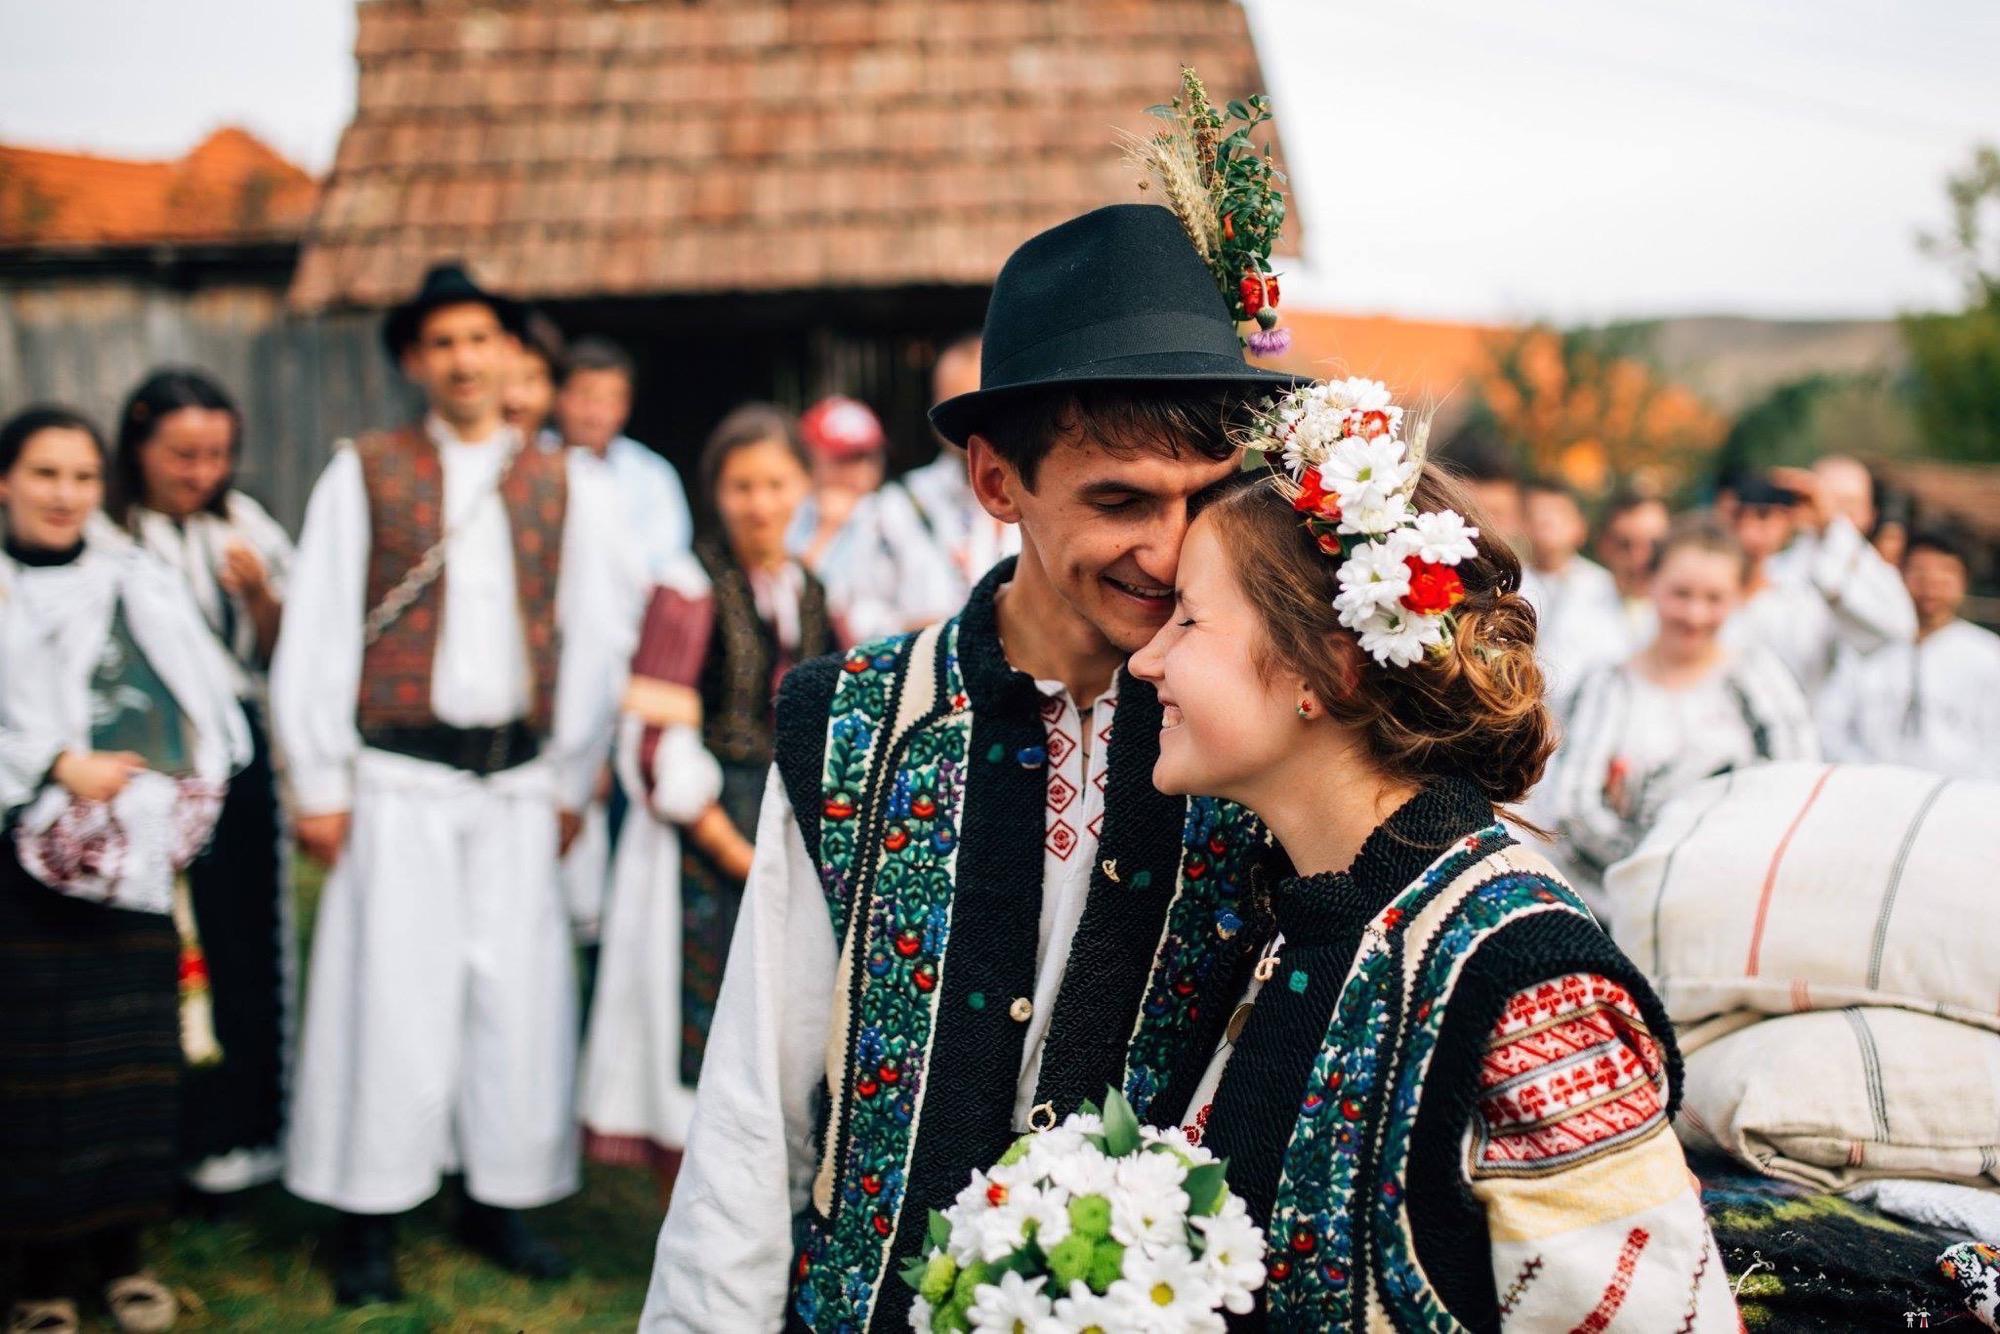 Povești Nunți Tradiționale - Andreea și Sergiu. Nuntă tradițională în Alba-Iulia 42